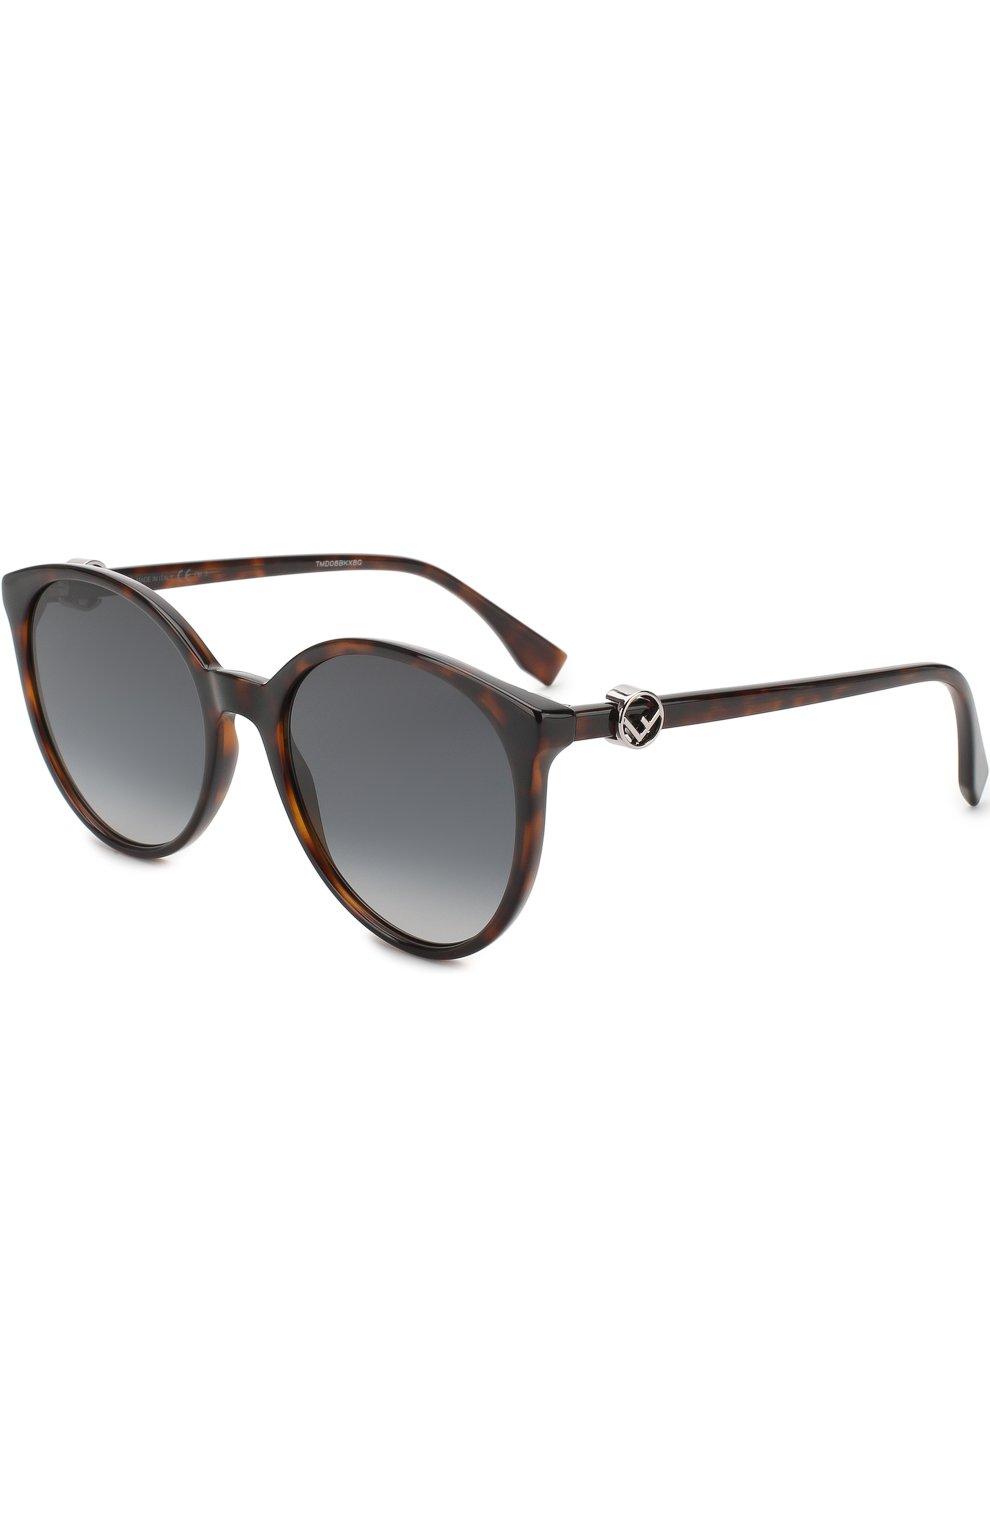 Женские солнцезащитные очки FENDI коричневого цвета, арт. 0288 086 | Фото 1